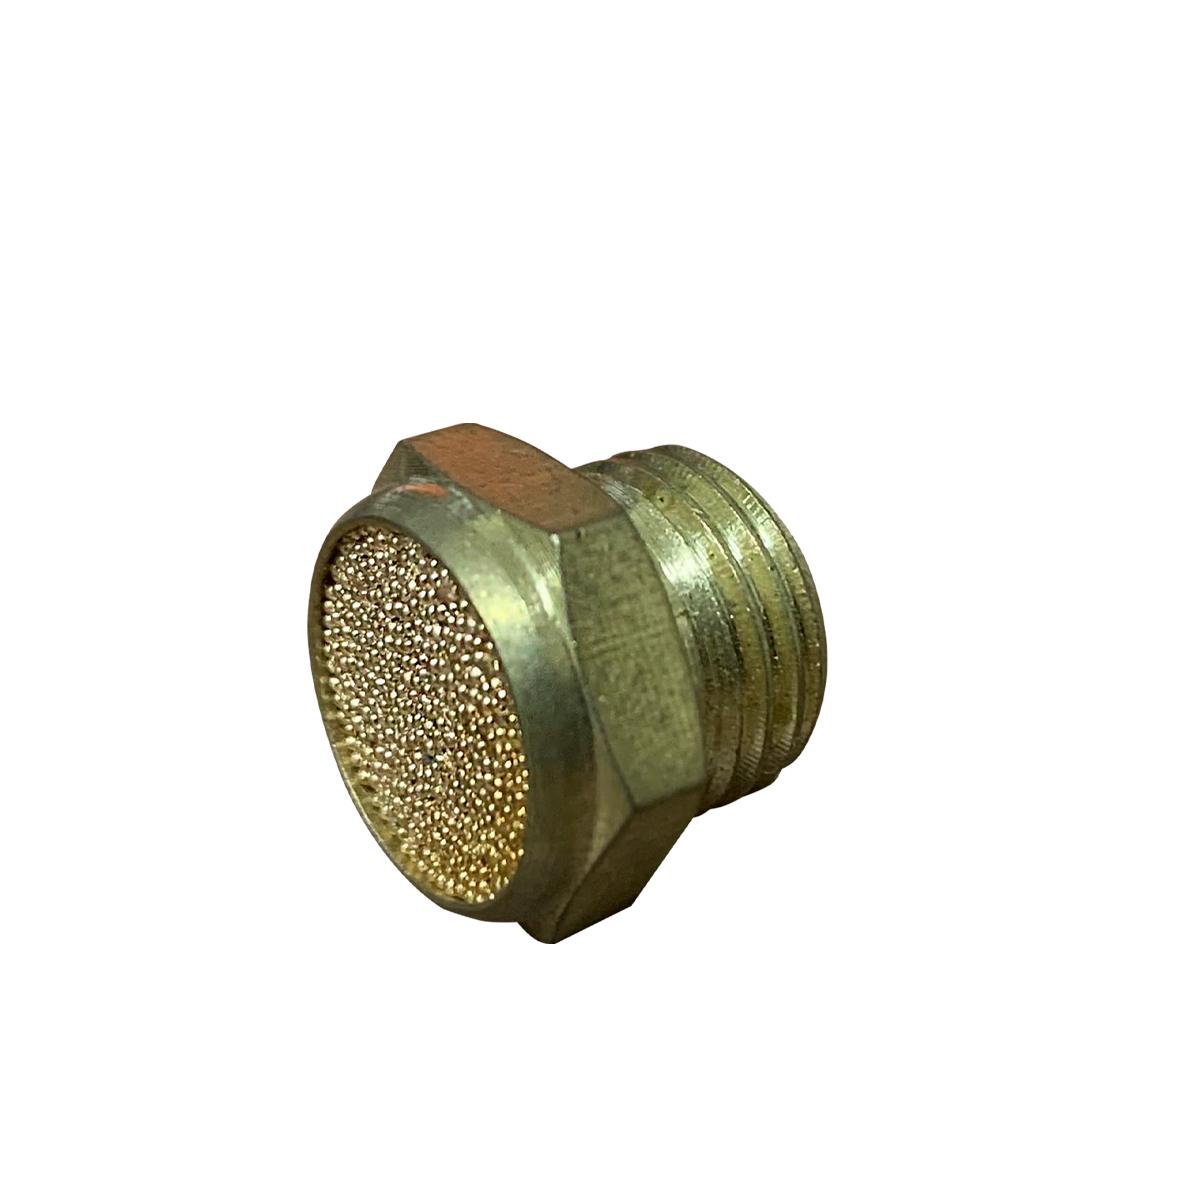 Silenciador Pneumático Sinterizado Reto Rosca 1/4 - 5 Unidades